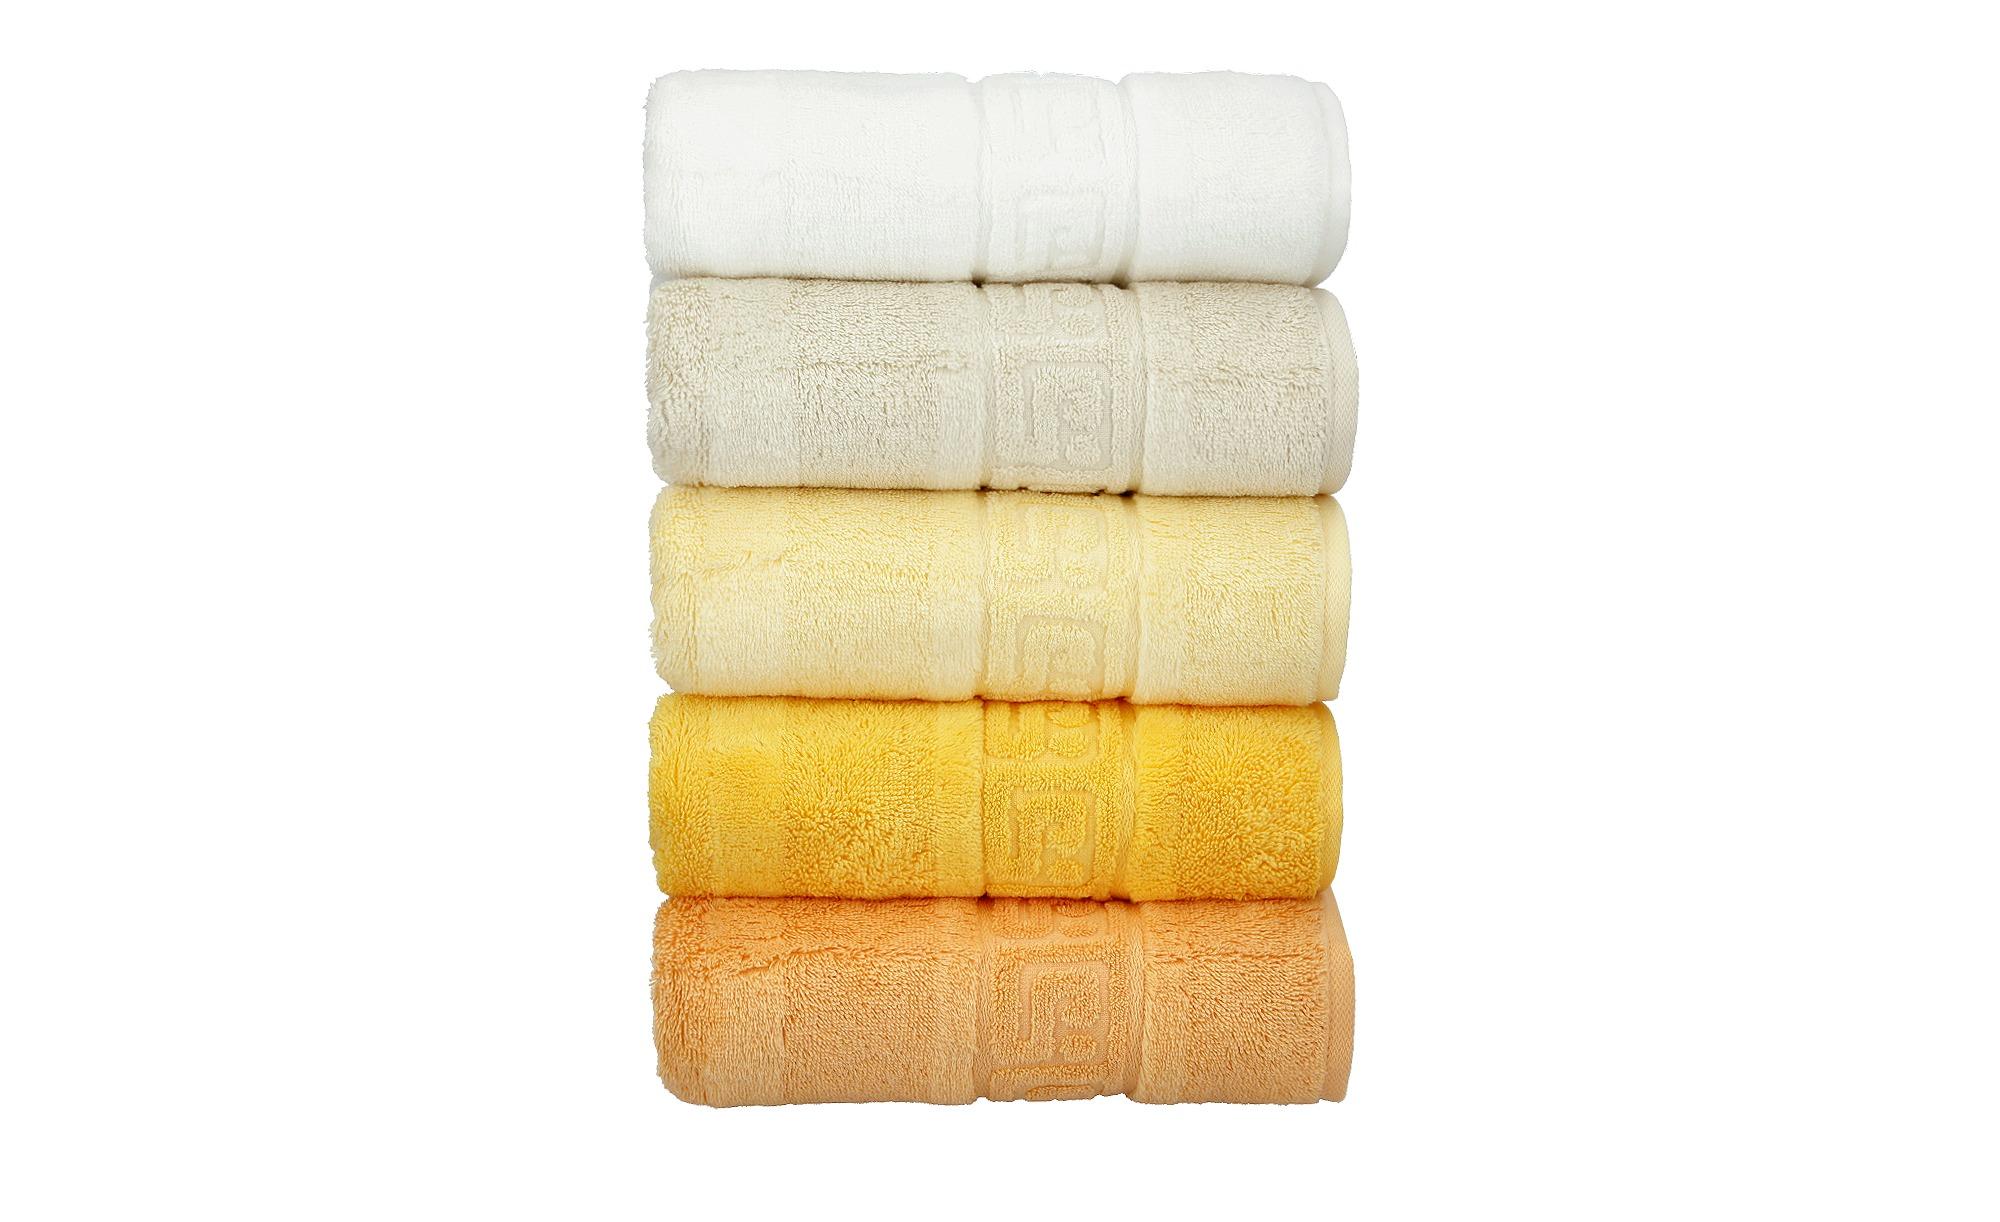 CaWö Duschtuch  1001 ¦ gelb ¦ 100% Baumwolle ¦ Maße (cm): B: 80 Badtextilien und Zubehör > Handtücher & Badetücher > Duschtücher - Höffner